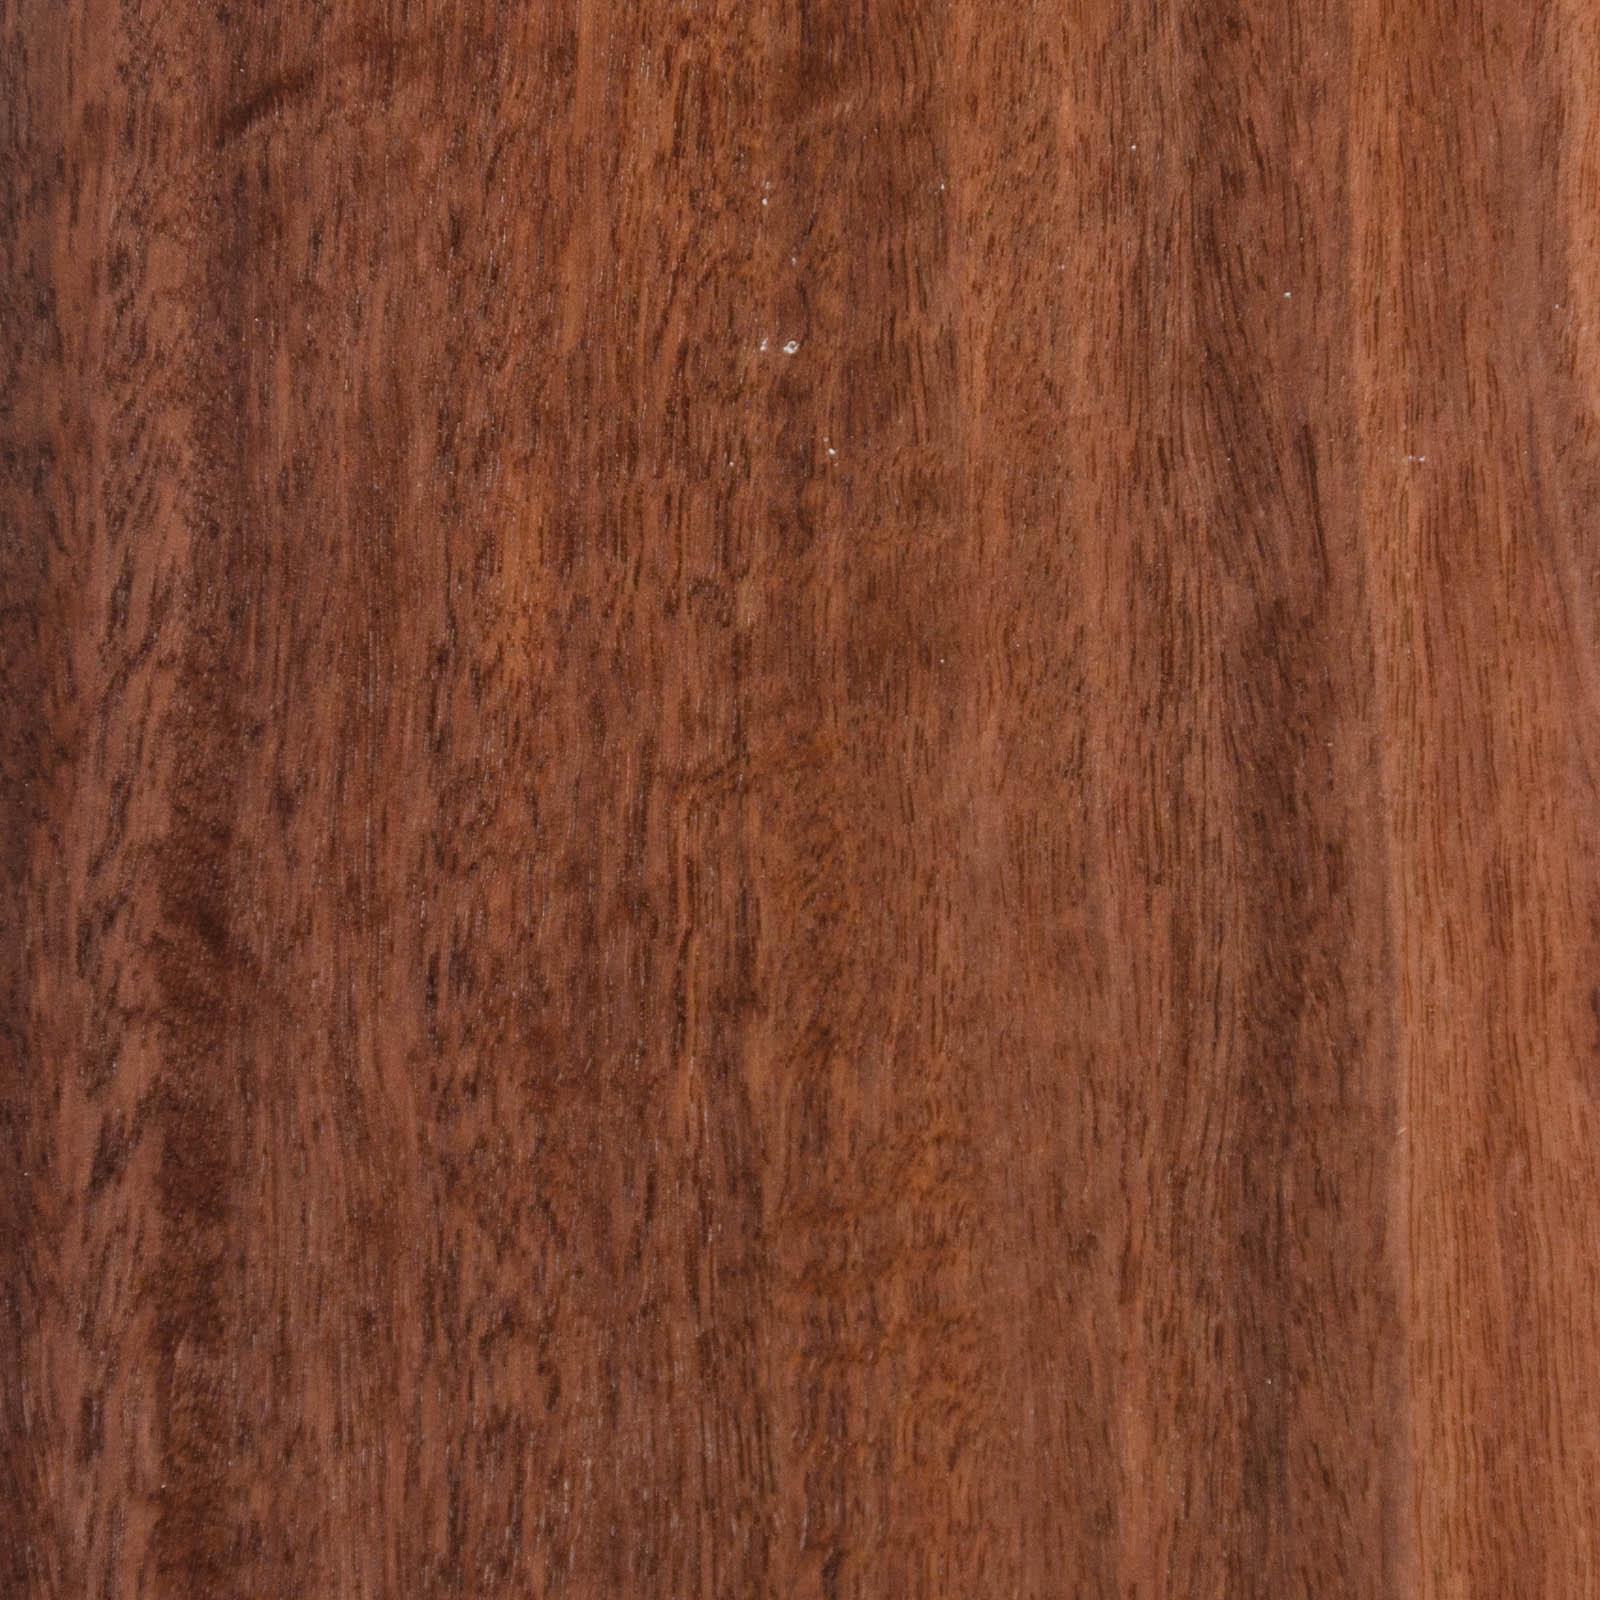 Karri 154cm X 16cm - 4 sheets Wood Veneer   eBay